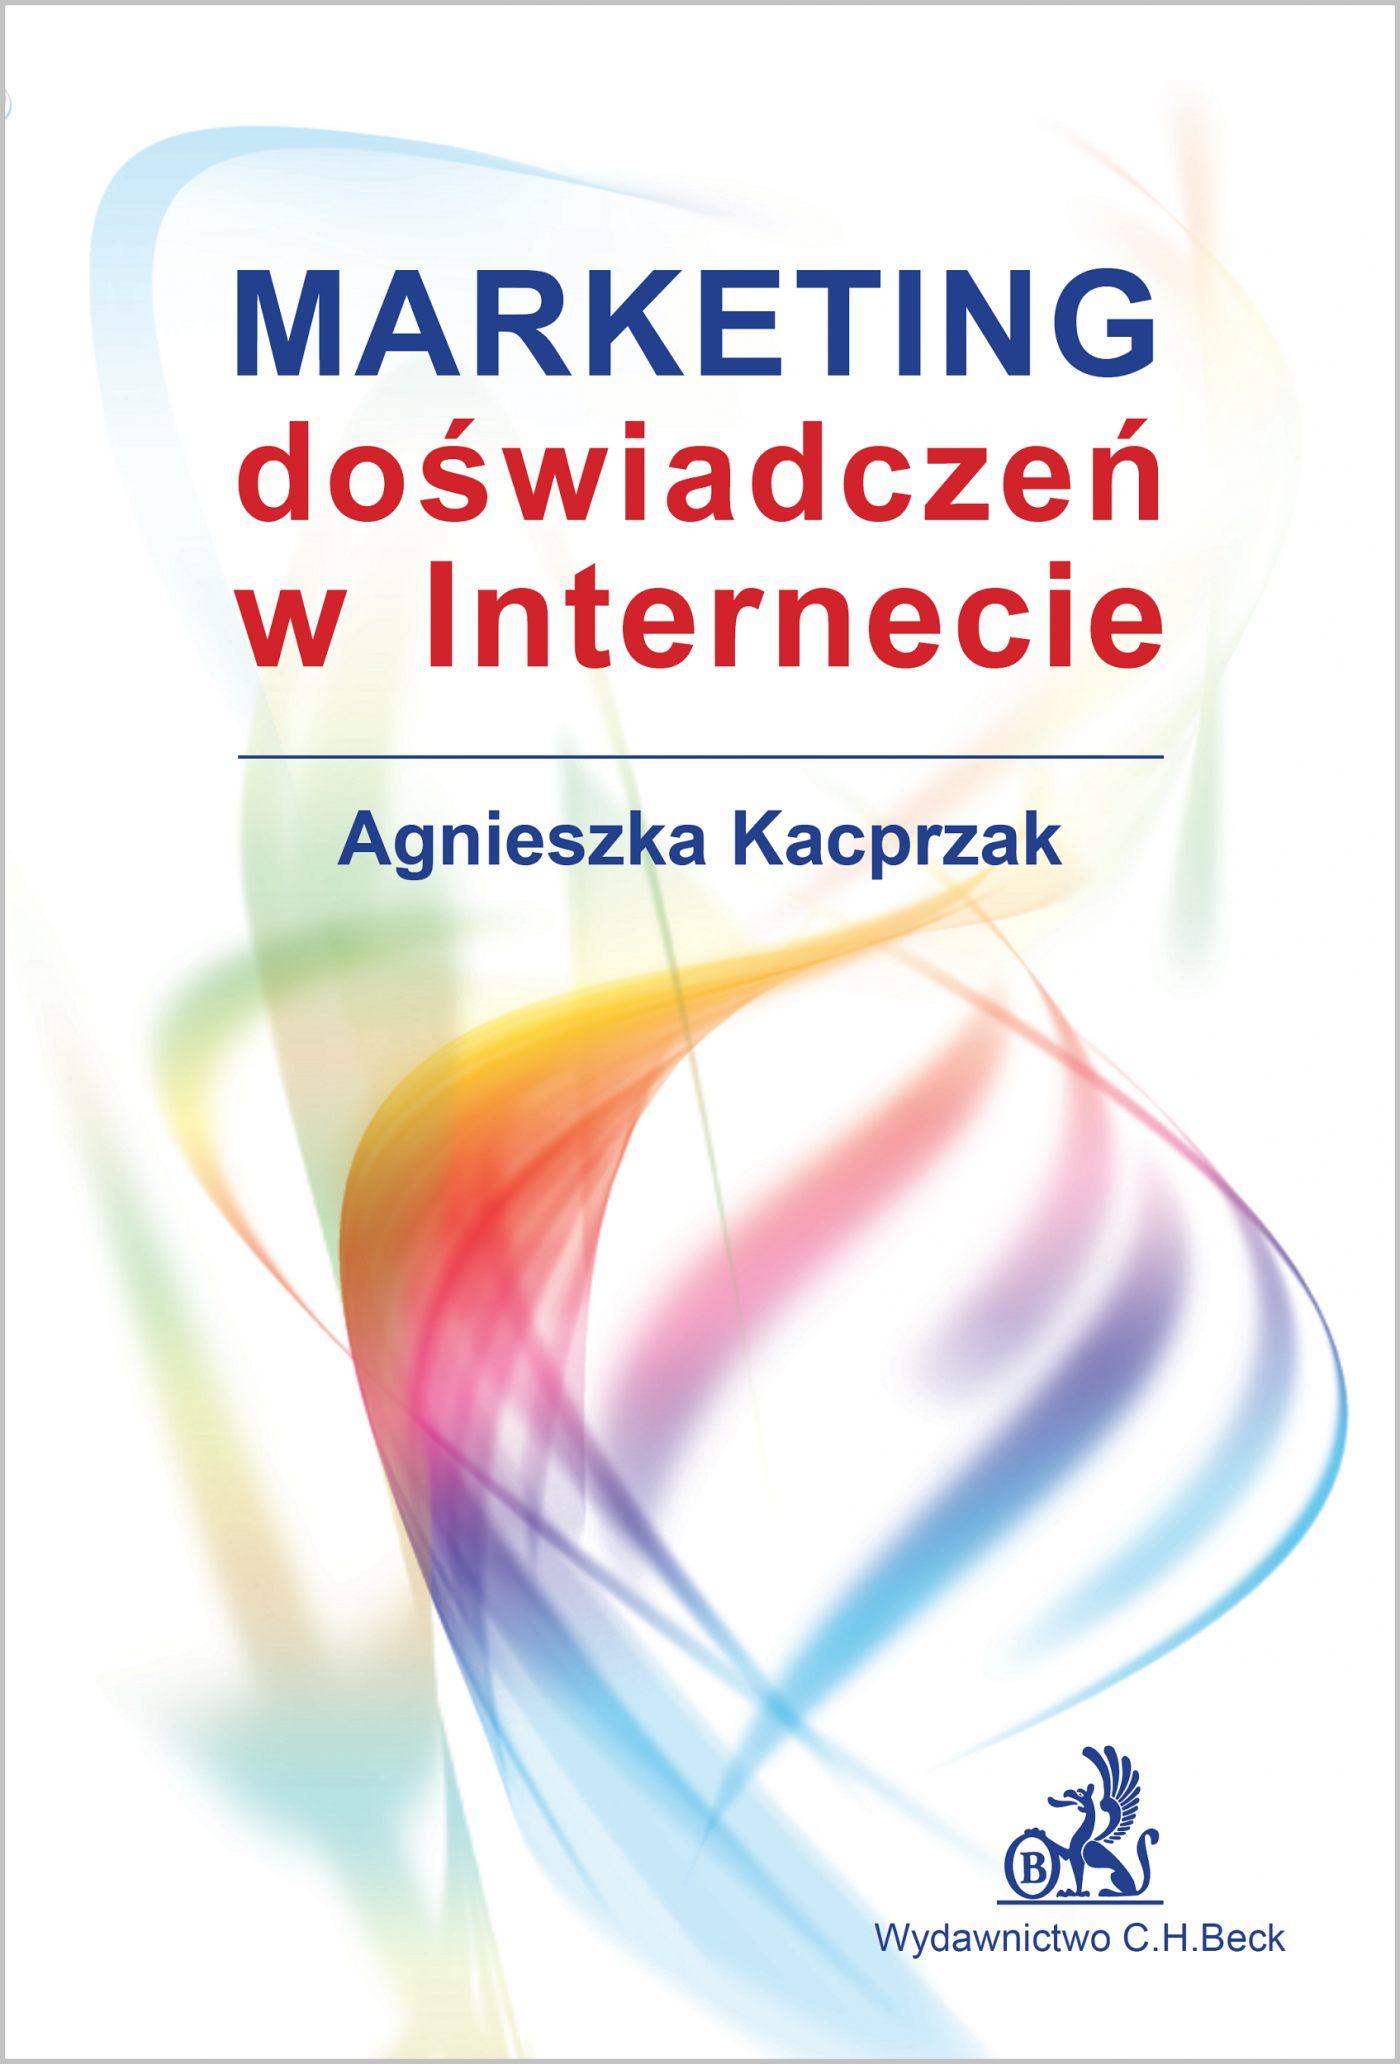 Marketing doświadczeń w Internecie - Ebook (Książka PDF) do pobrania w formacie PDF